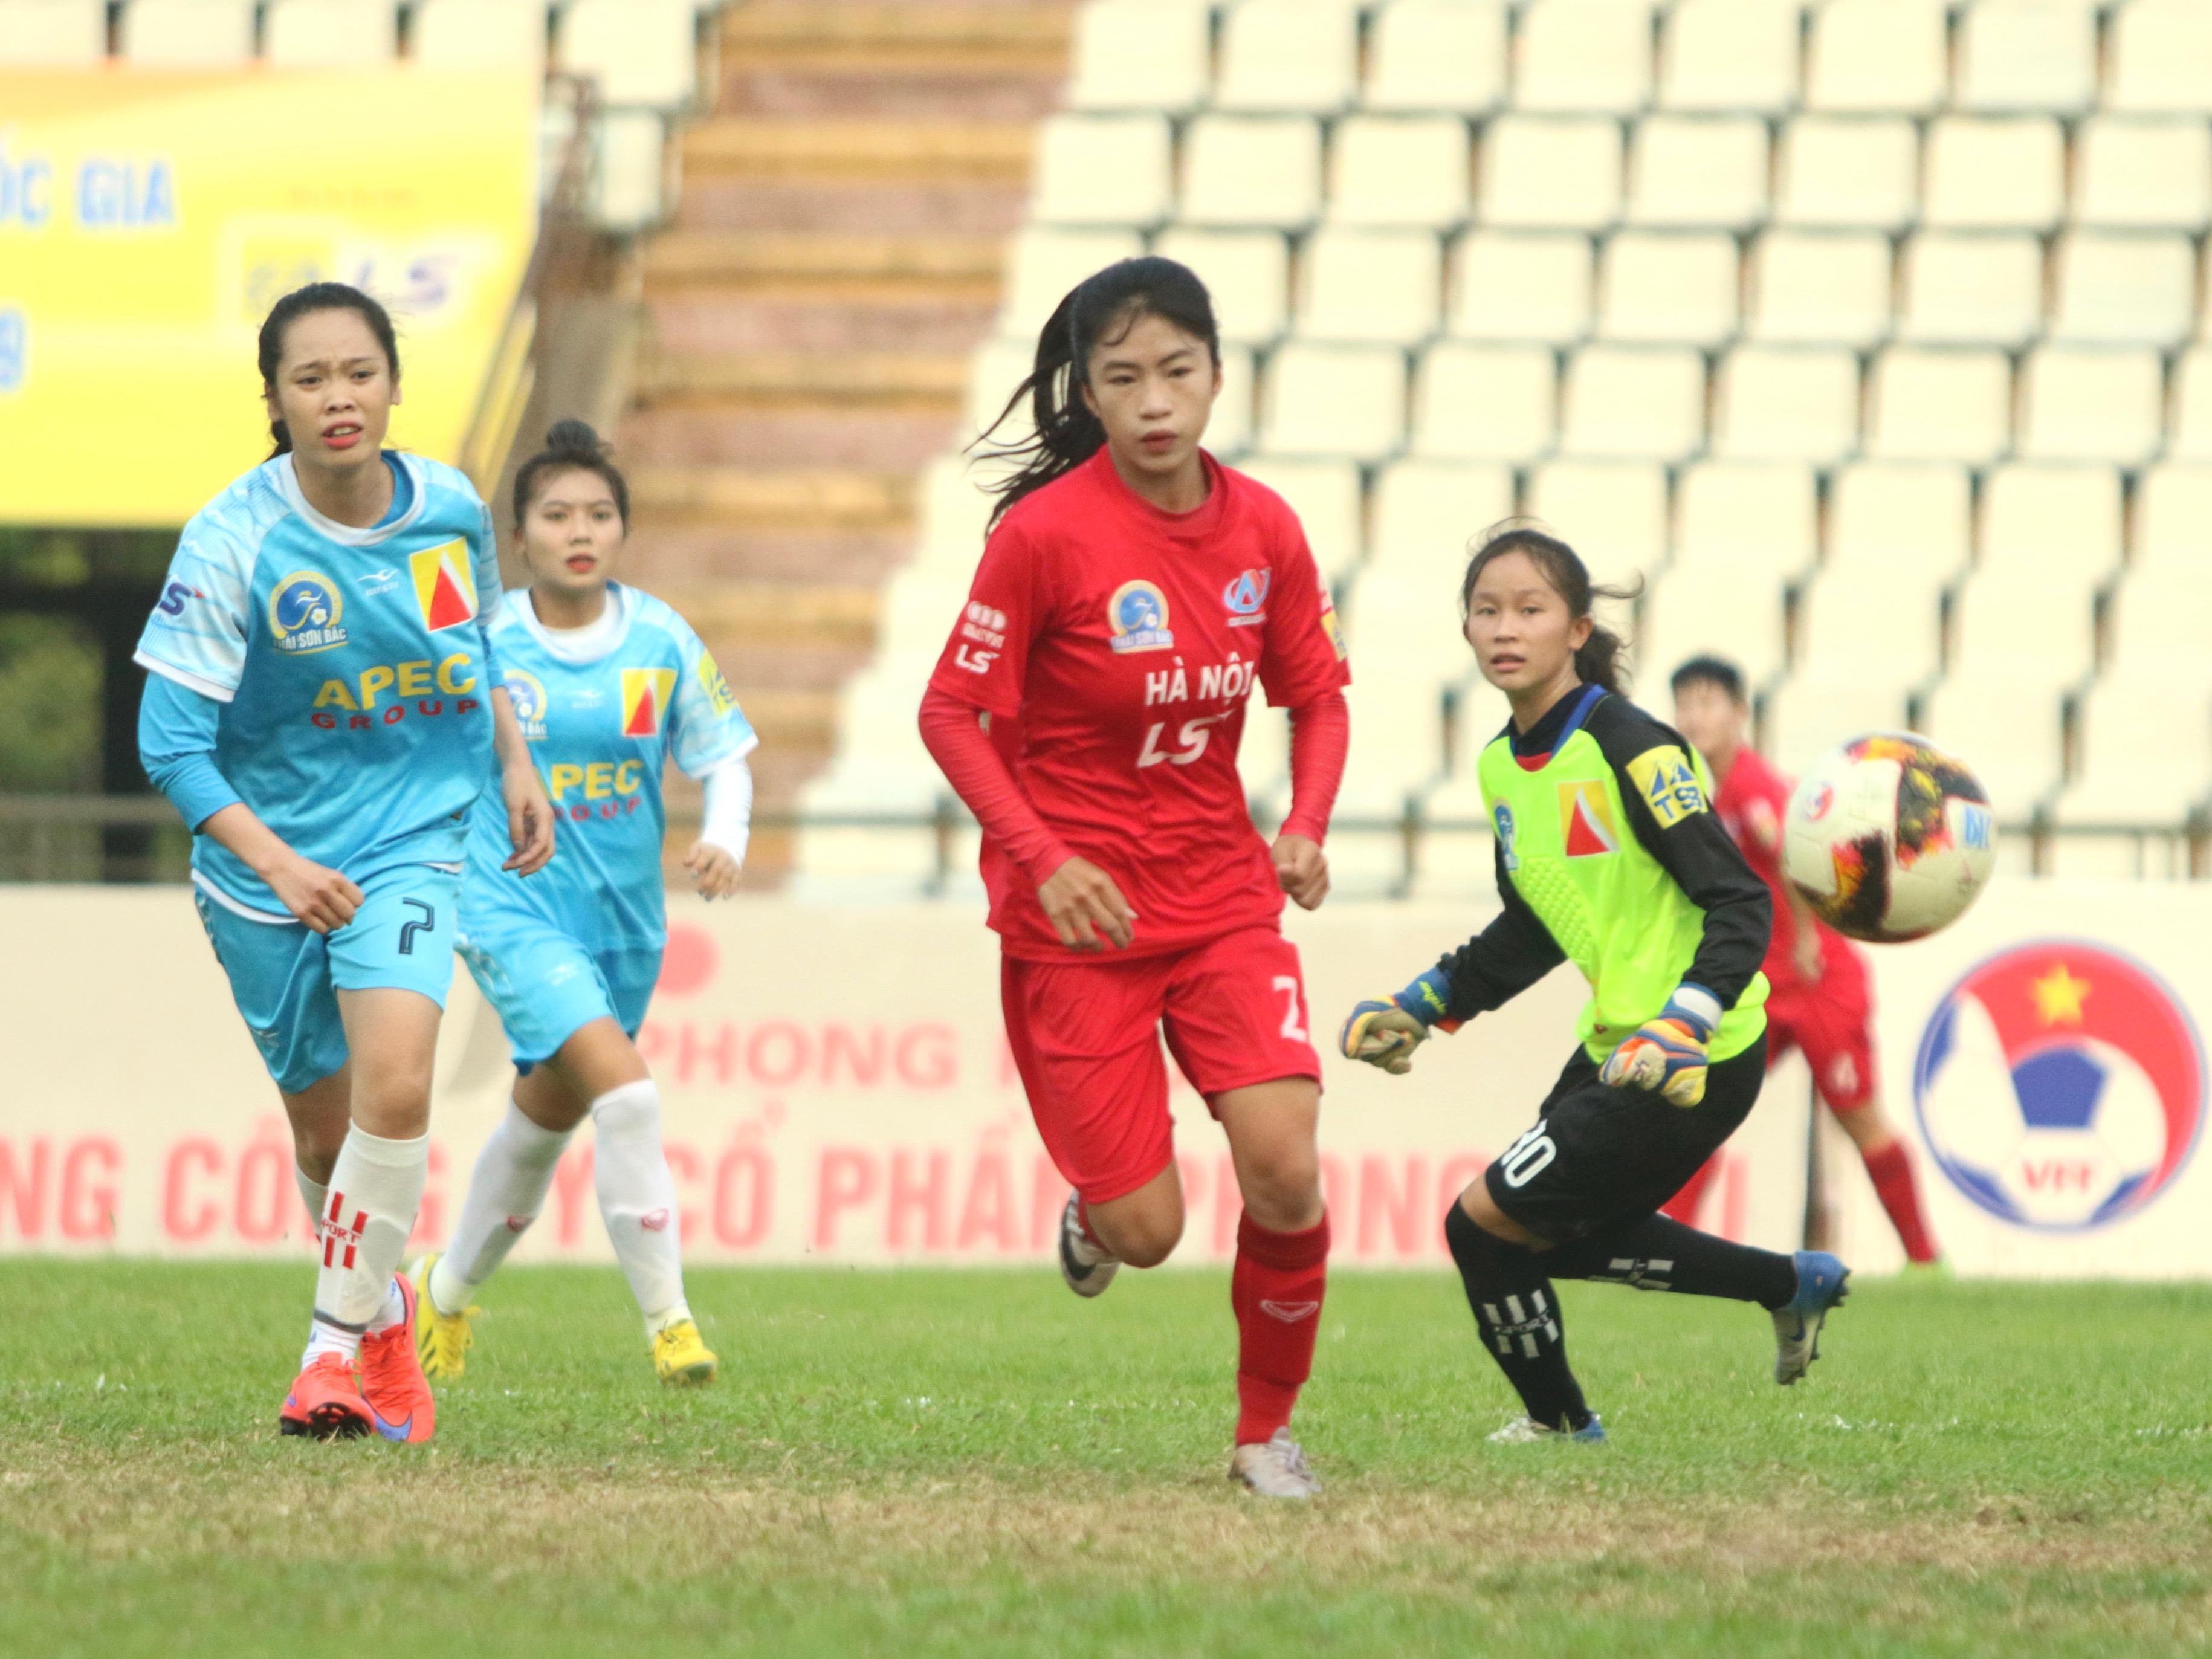 Giải VĐQG nữ 2019: Hà Nội có 3 điểm ngày sân Hà Nam gặp sự cố mất điện - Bóng Đá